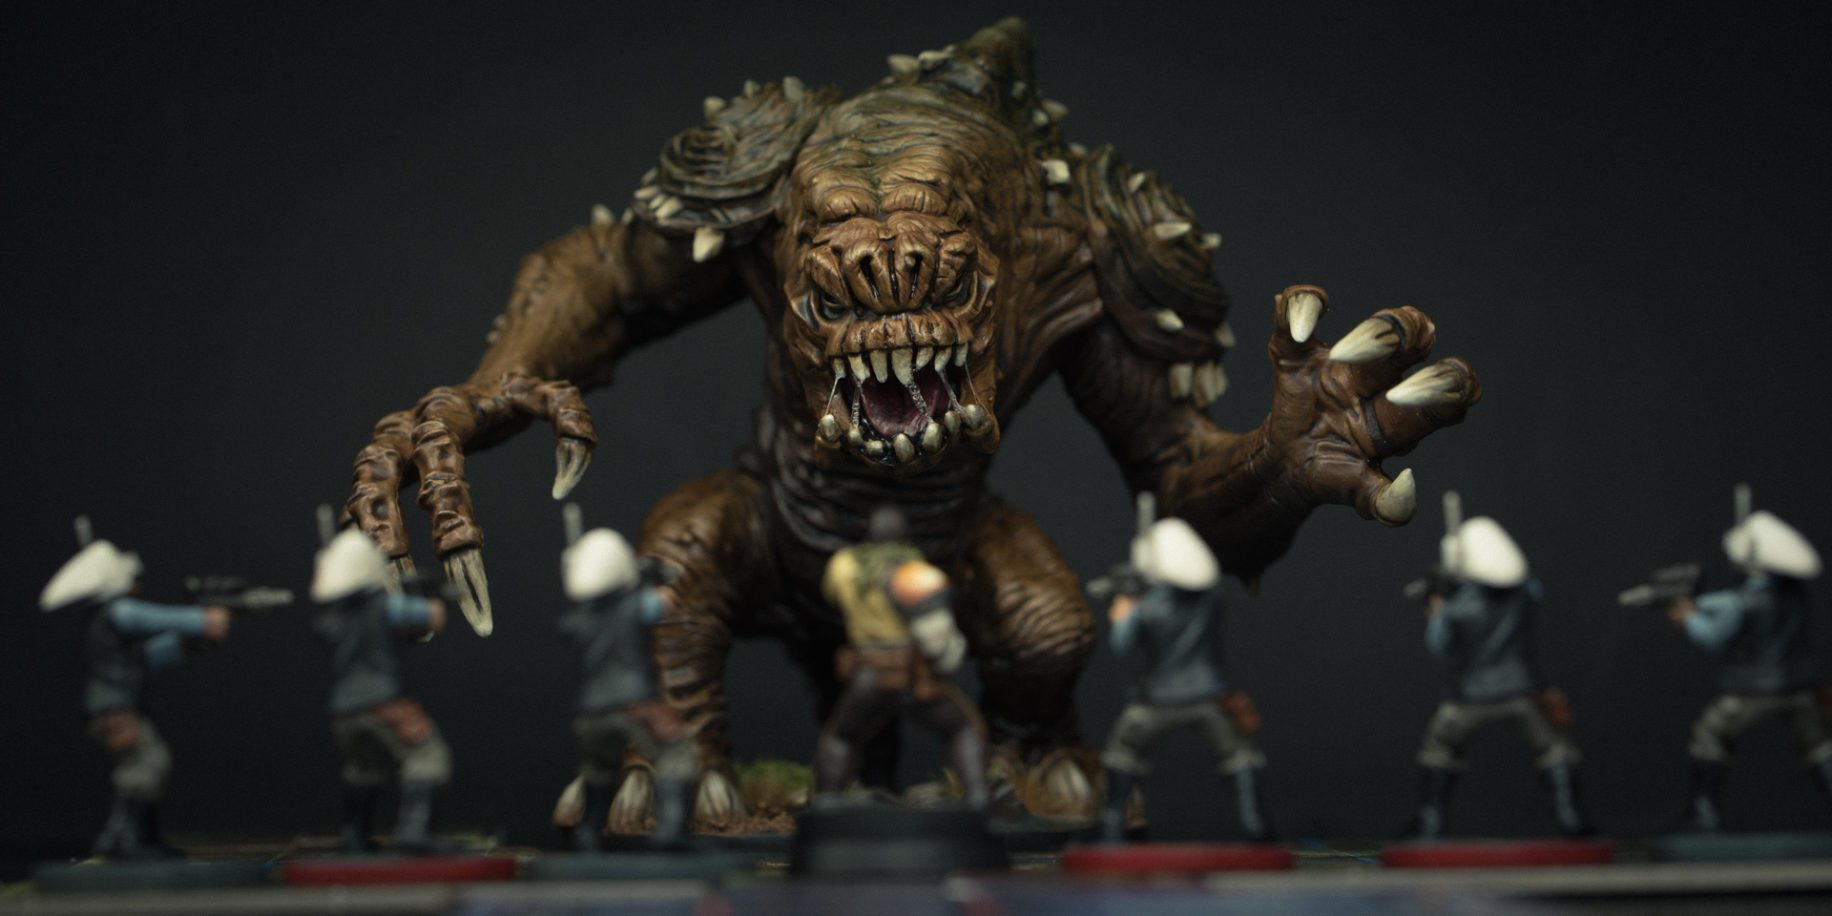 Rancor monster